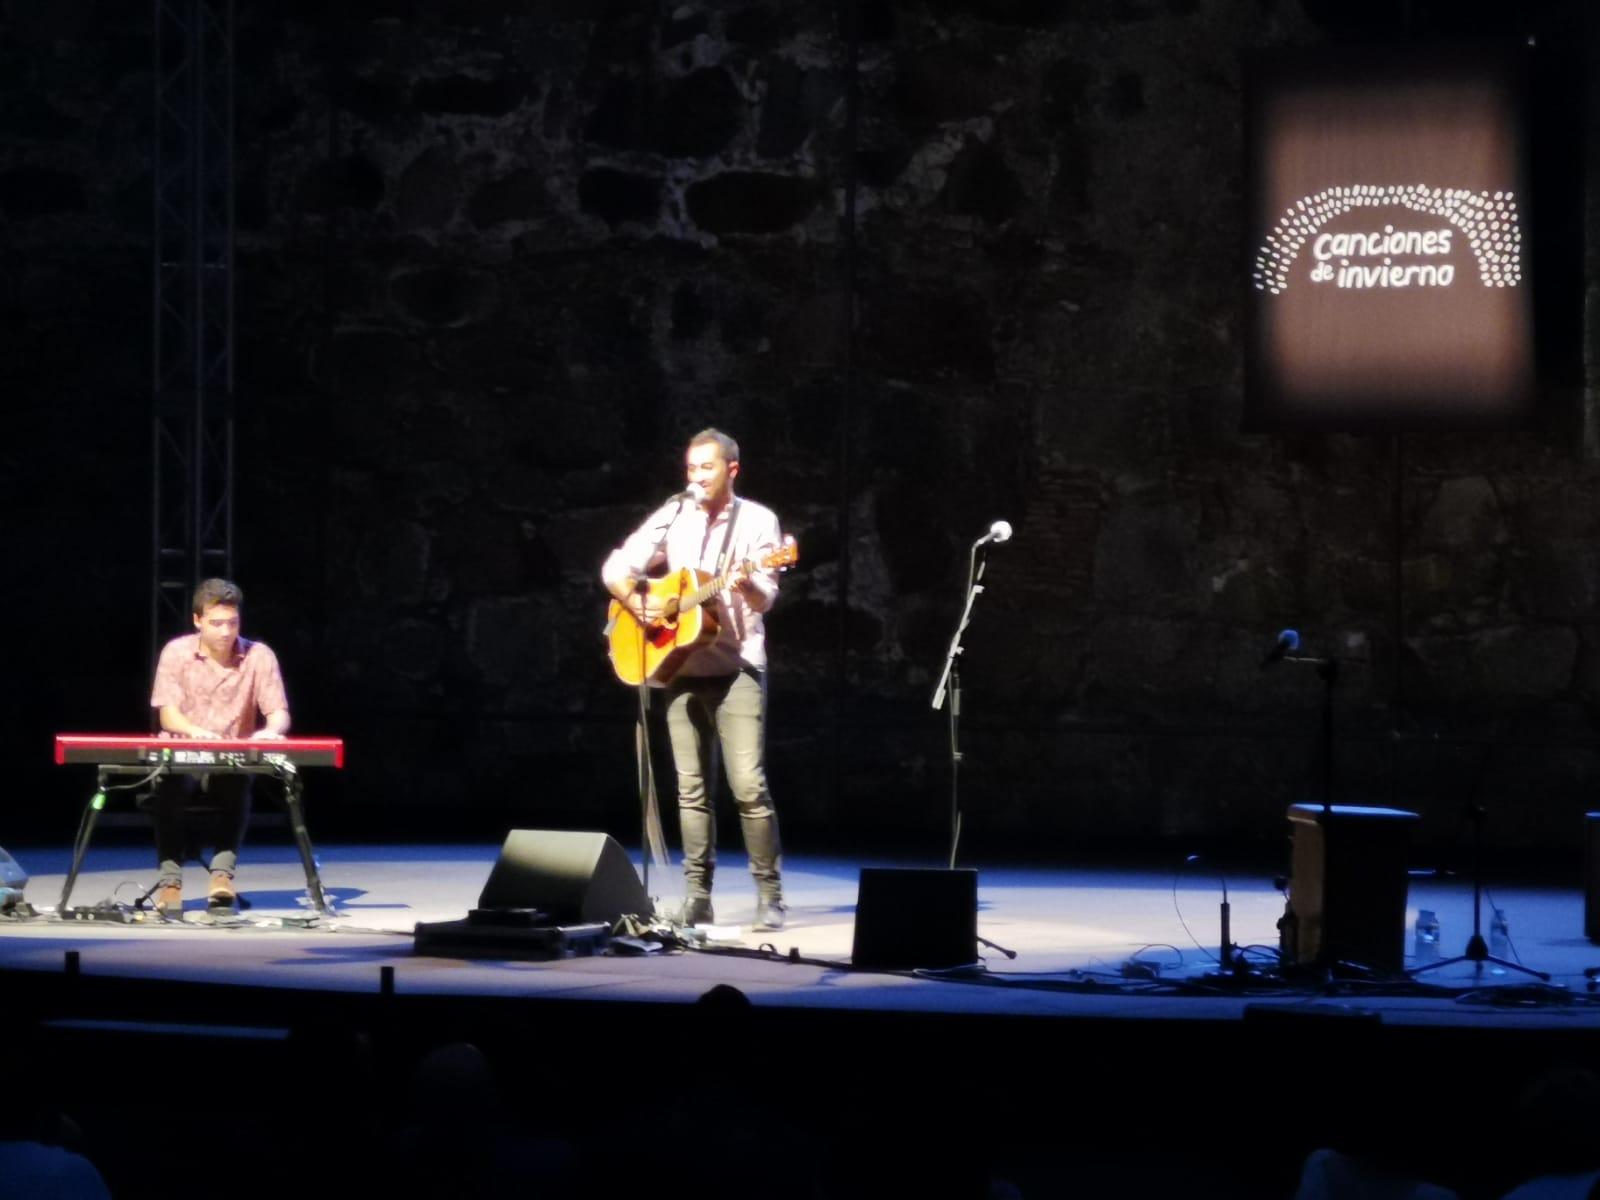 """David Castro en """"Canciones de Invierno"""" - Arenas de San Pedro"""